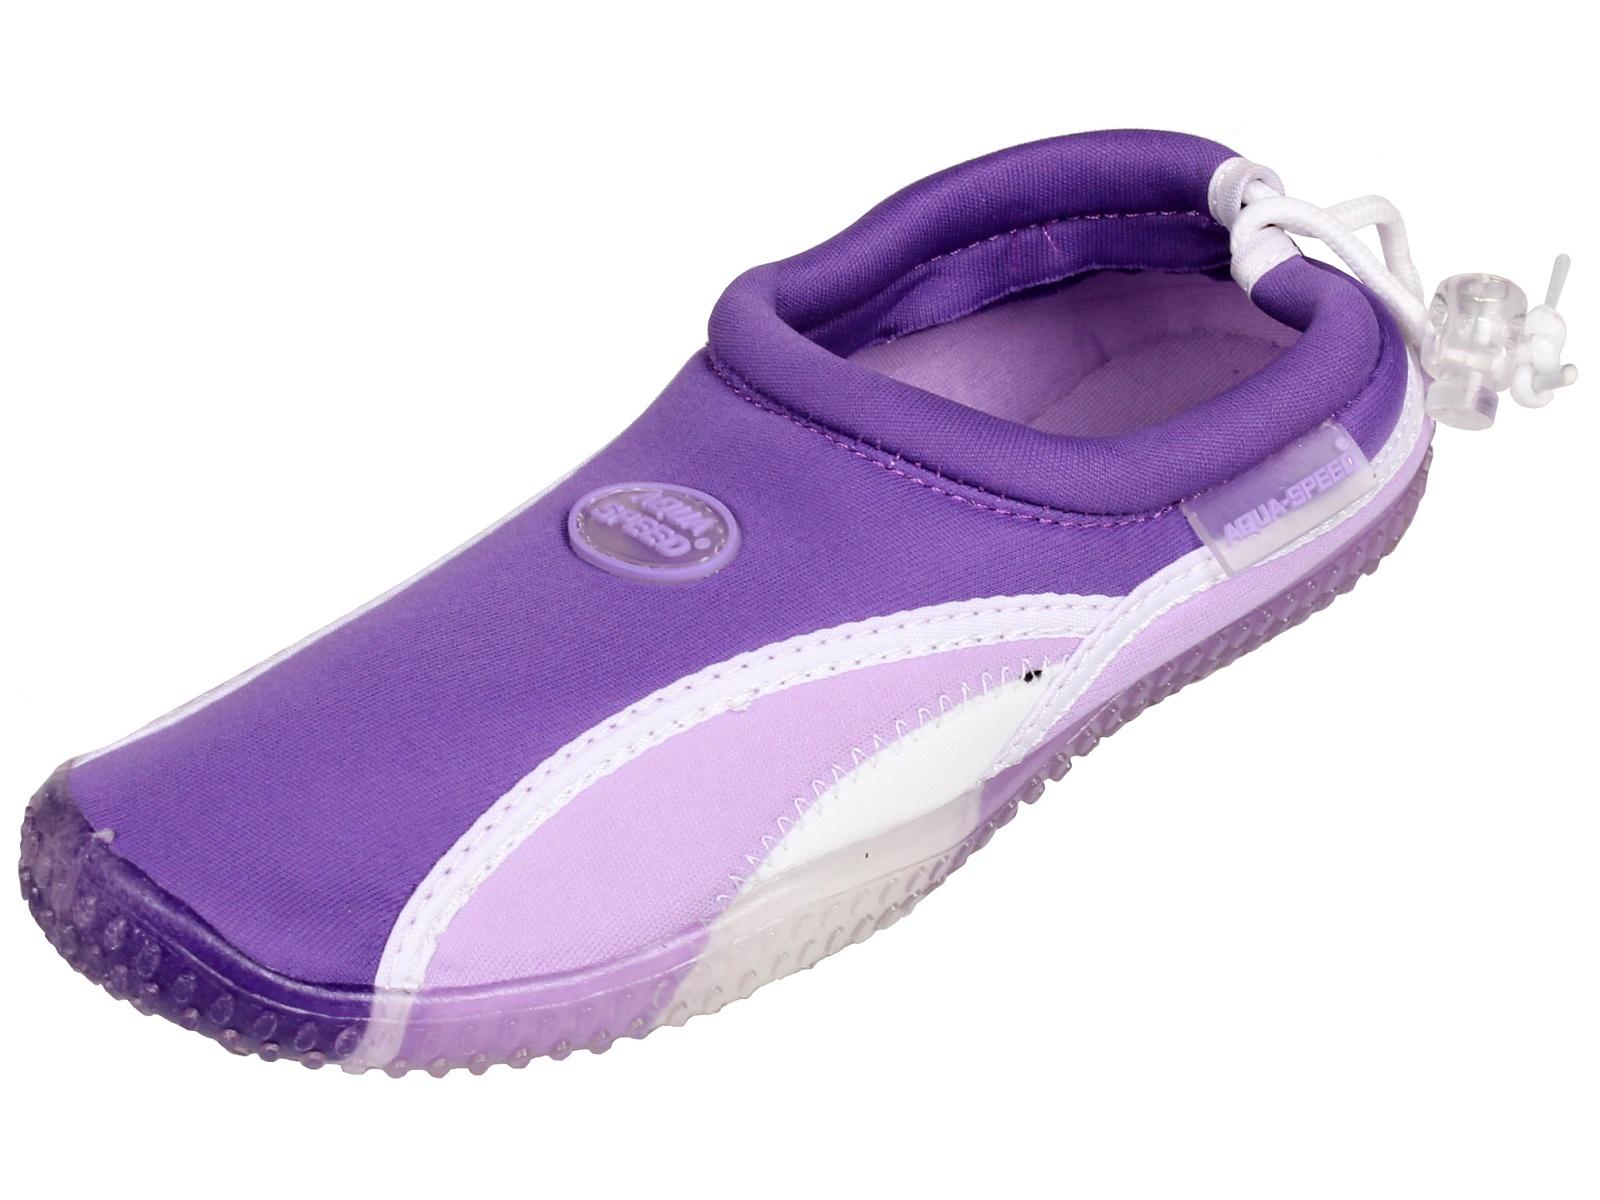 Boty do vody AQUA-SPEED 12B fialové - vel. 40